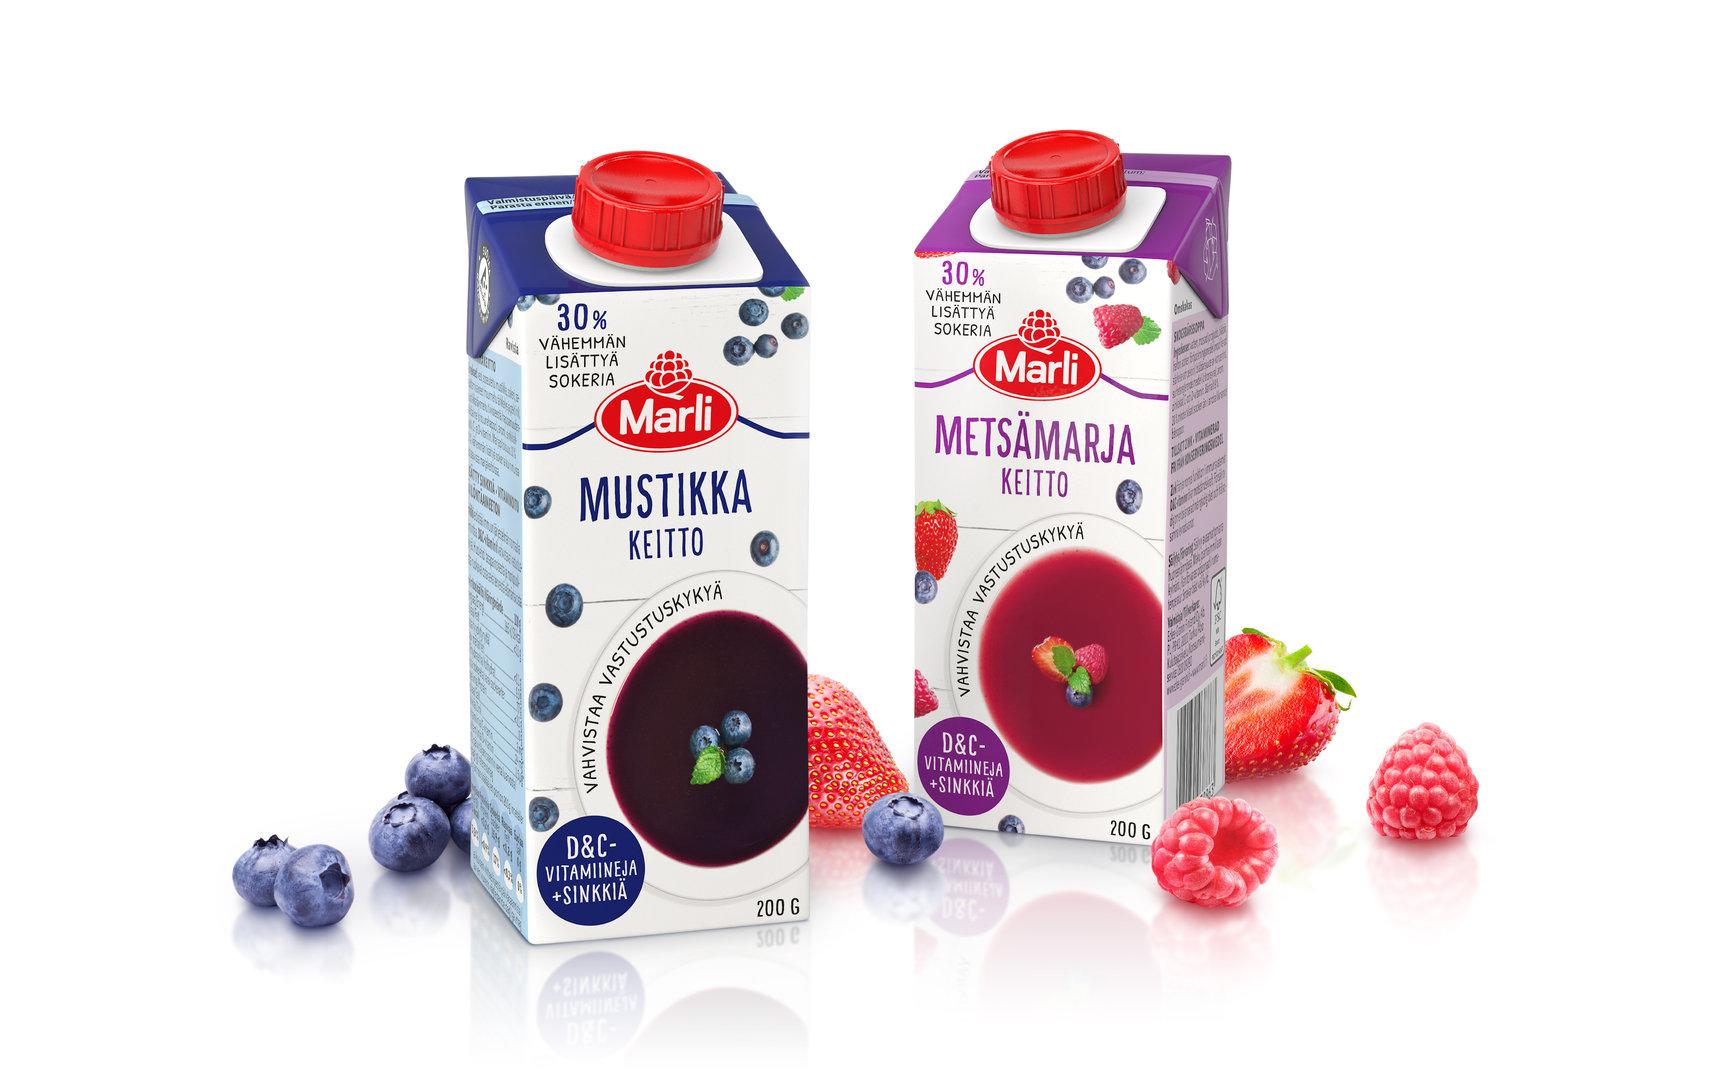 Marjakeitto Marli mustikka D&C 200g - vahvistaa vastustuskykyä (vitamiinit ja sinkki)